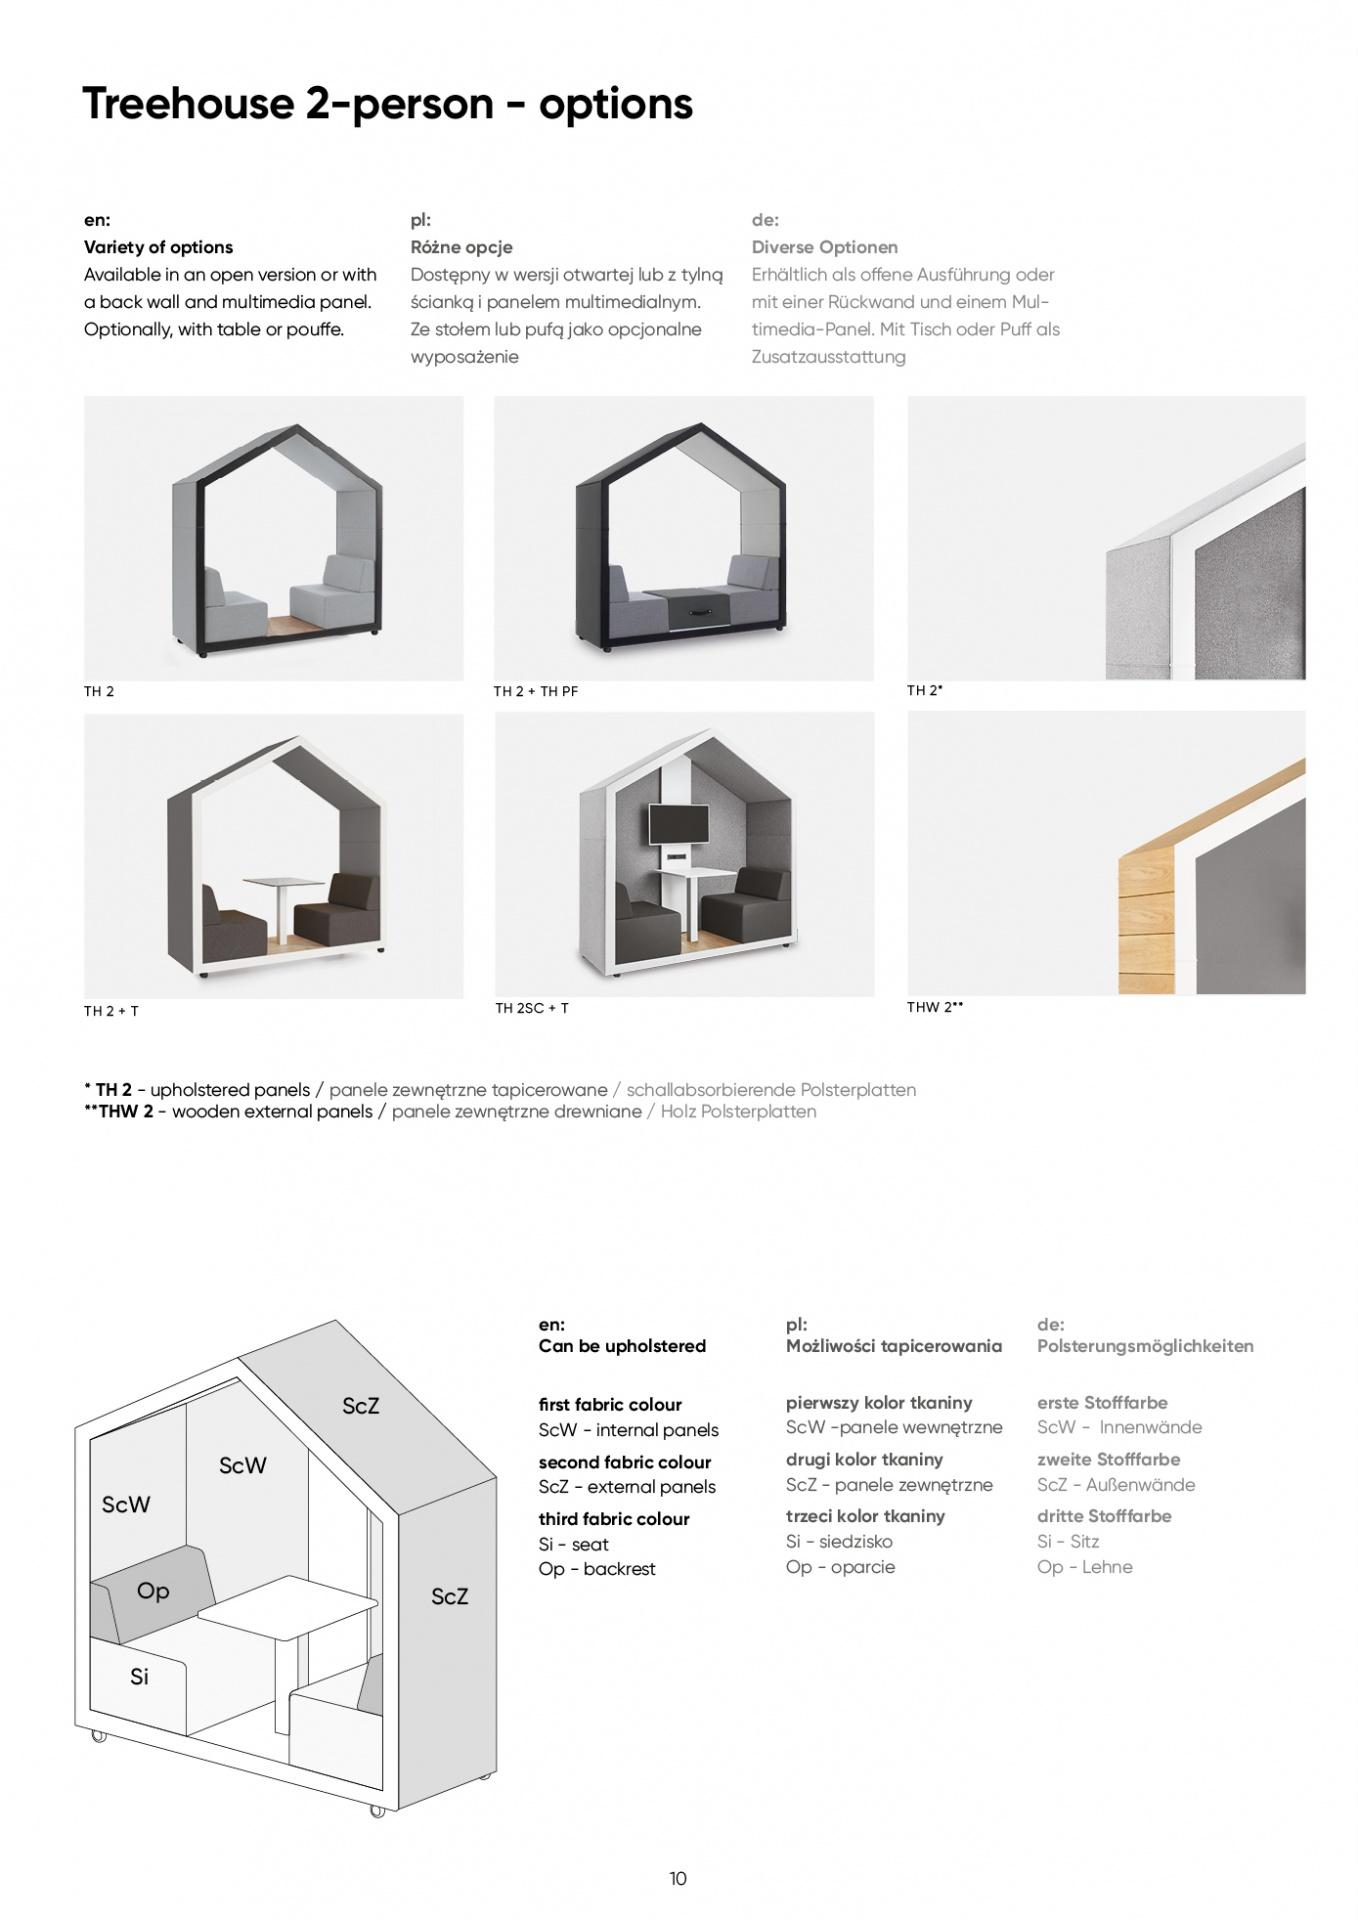 treehouse-catalogue-10.jpg